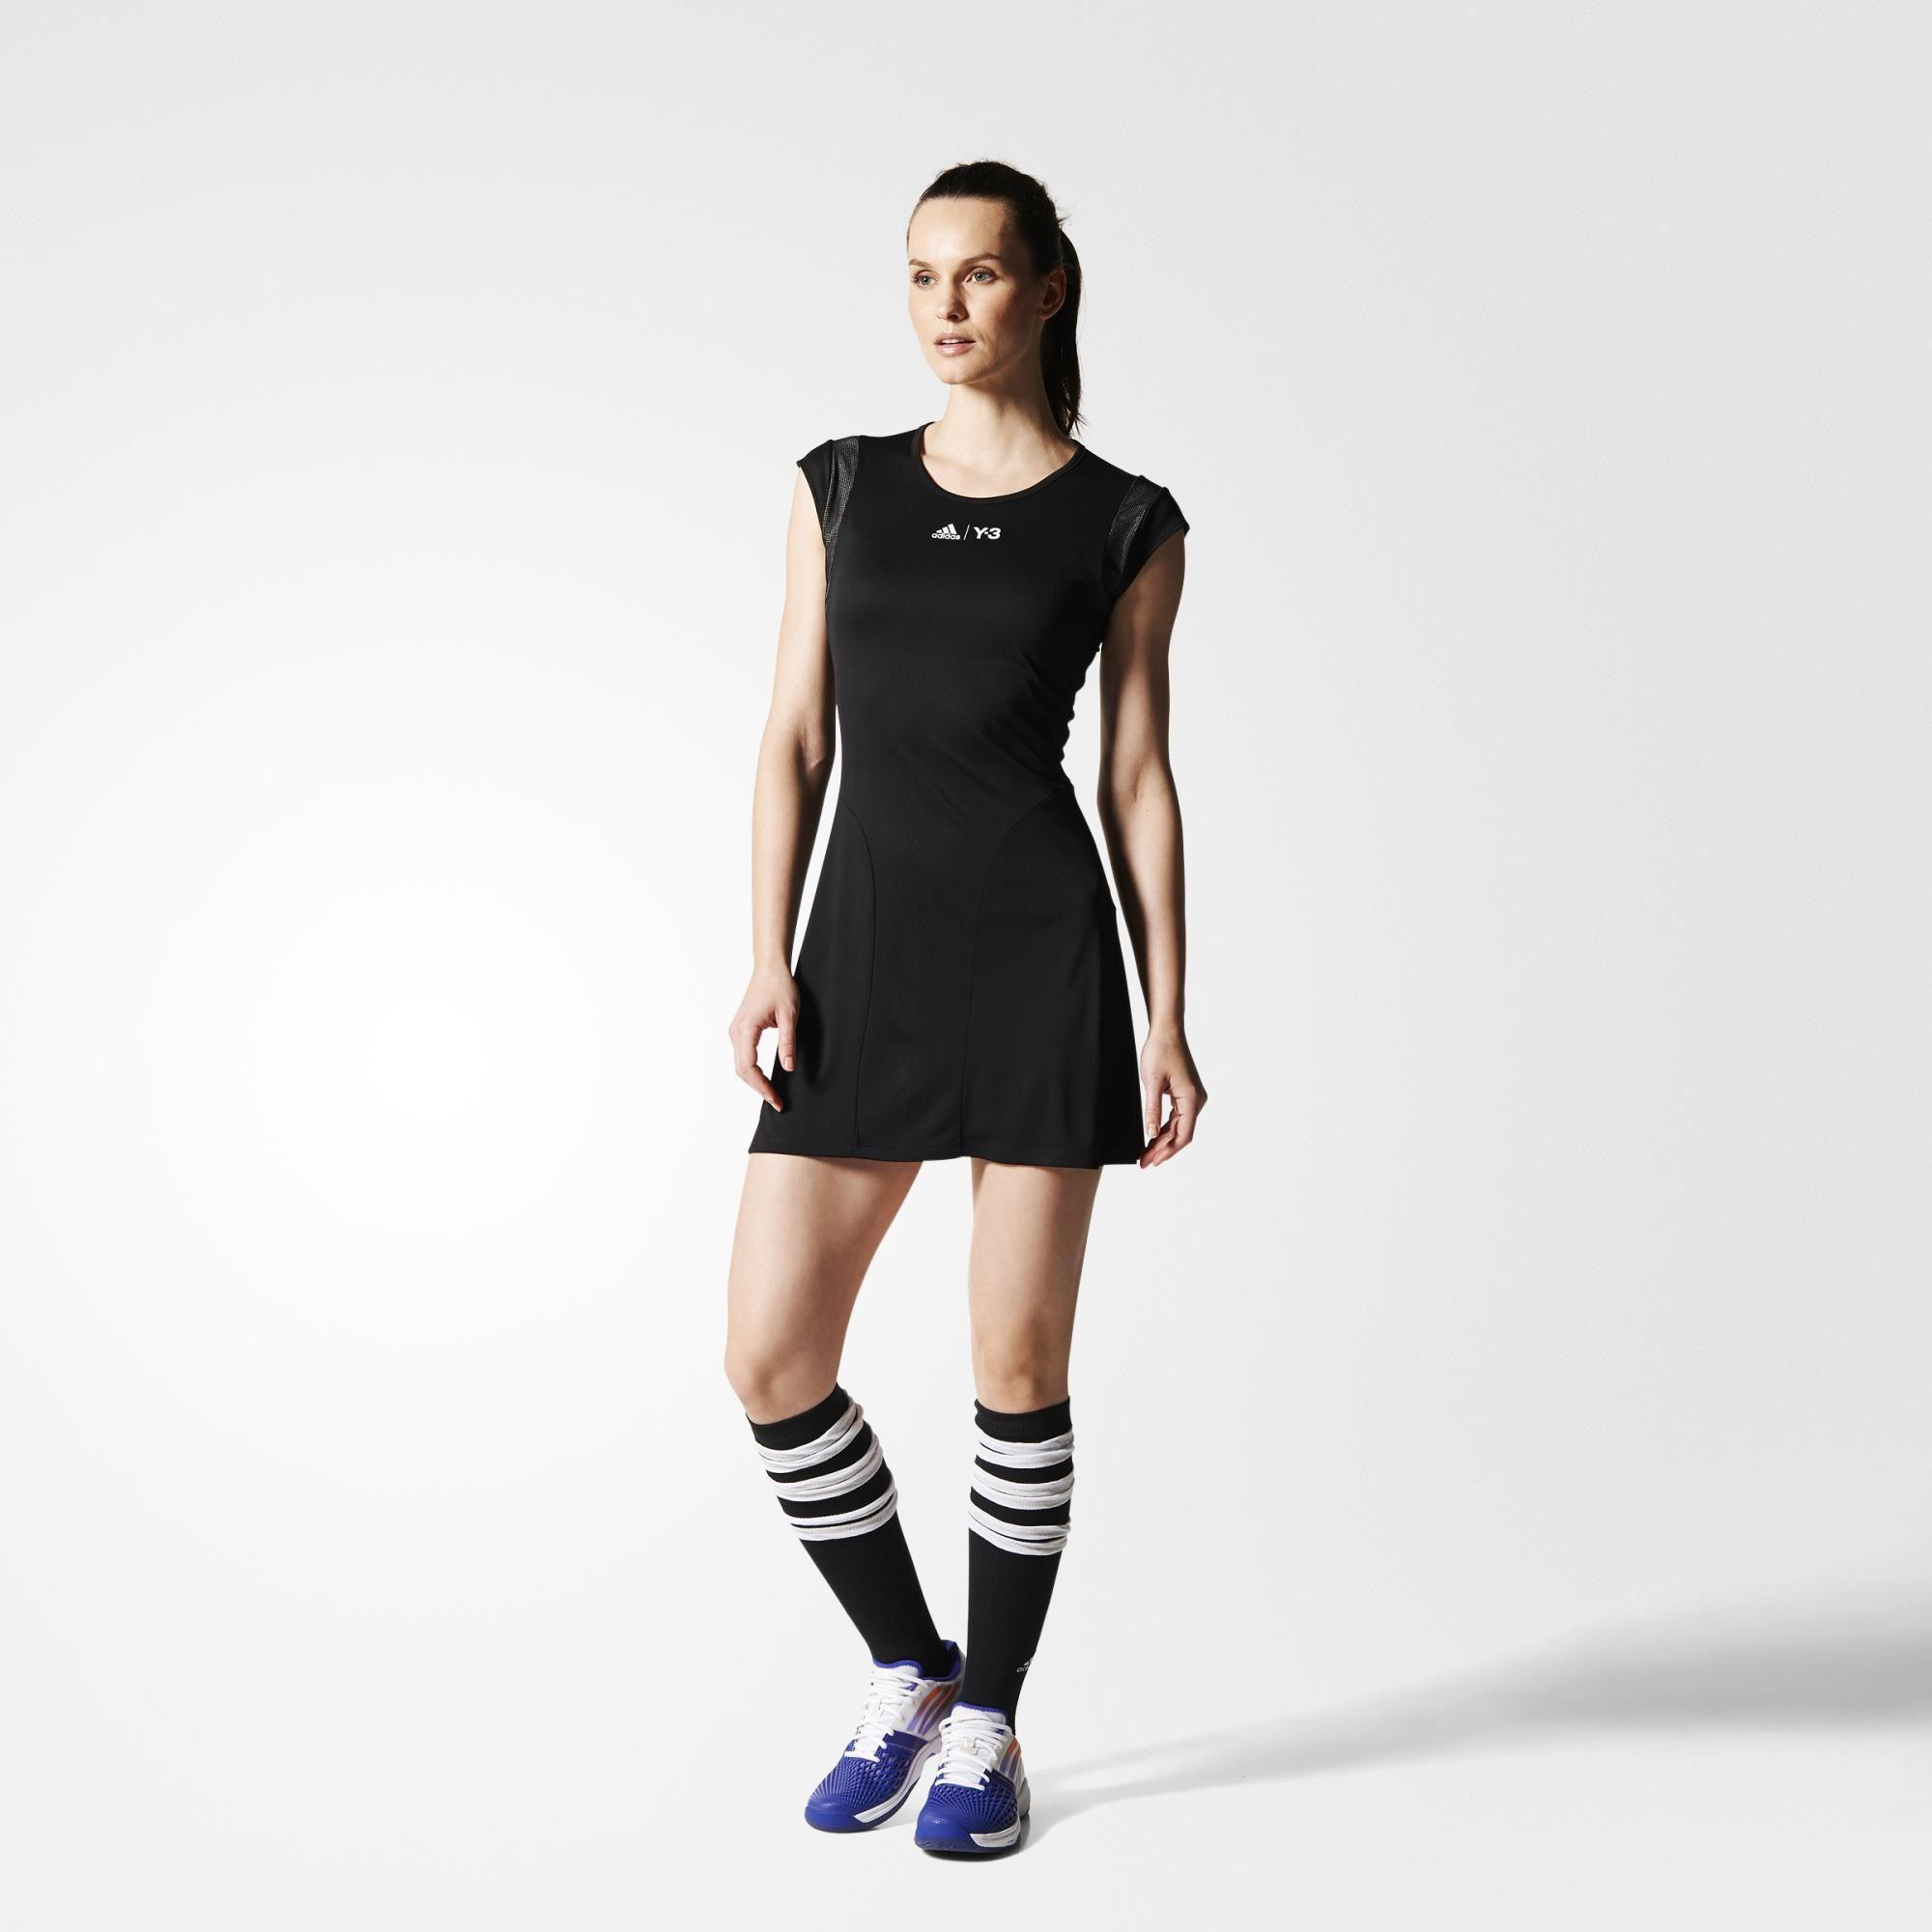 f818366c2987 Adidas Womens Y-3 Roland Garros Dress - Black - Tennisnuts.com